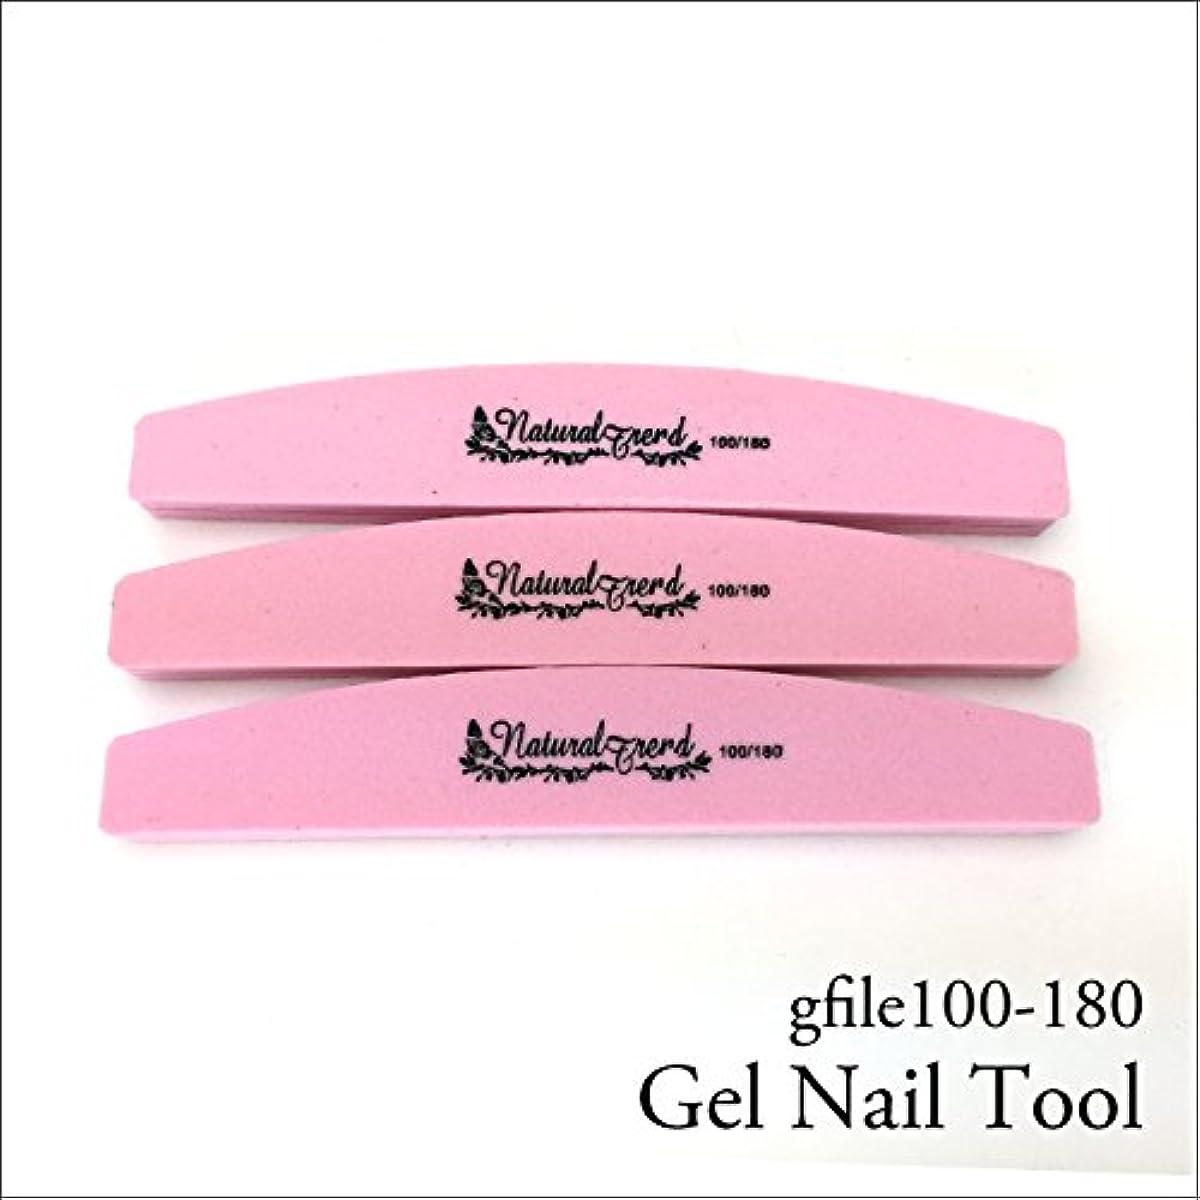 検出器ボックスポーンNaturalTrend ジェルネイル 爪やすり バッファー ファイル 100-180 3本セット